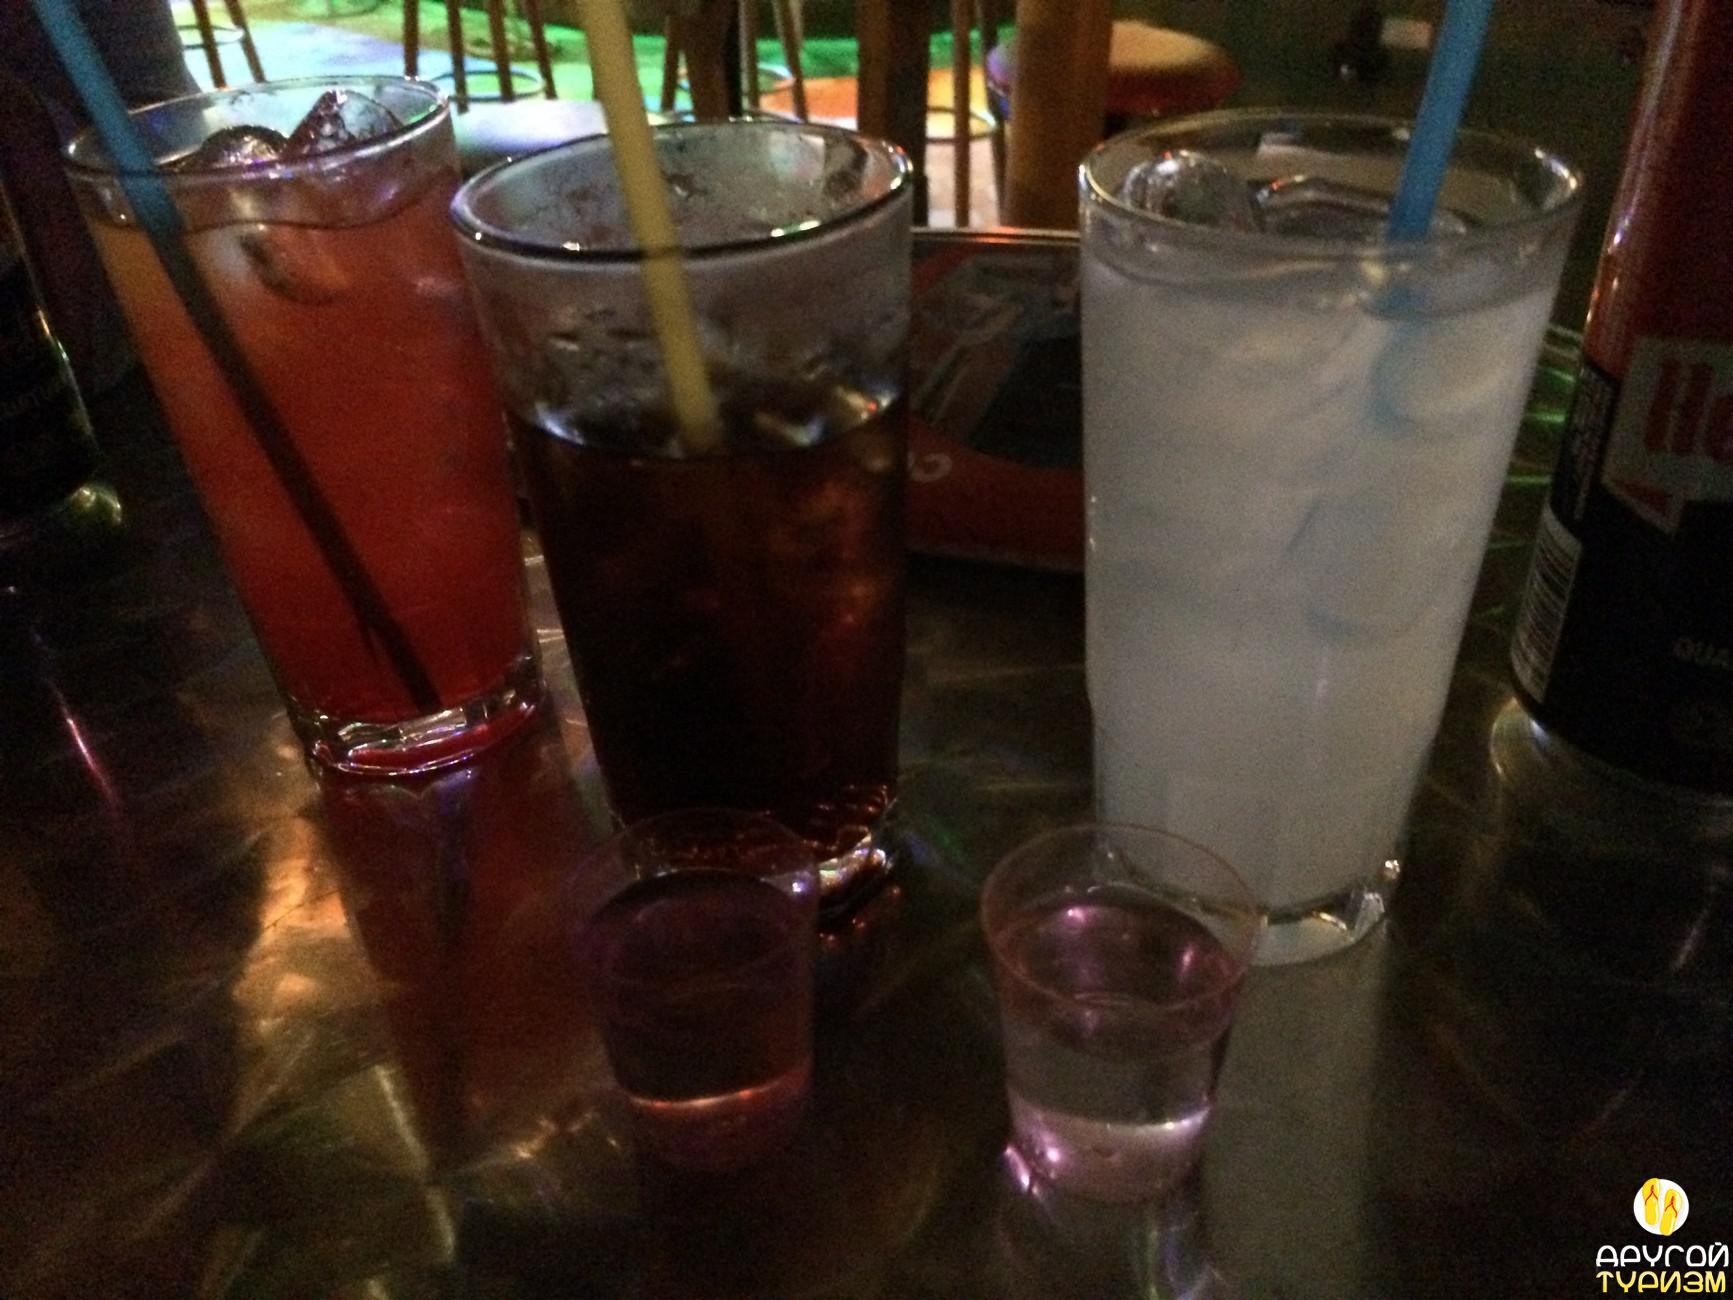 Алкогольный сет в баре - три коктейля и два шота